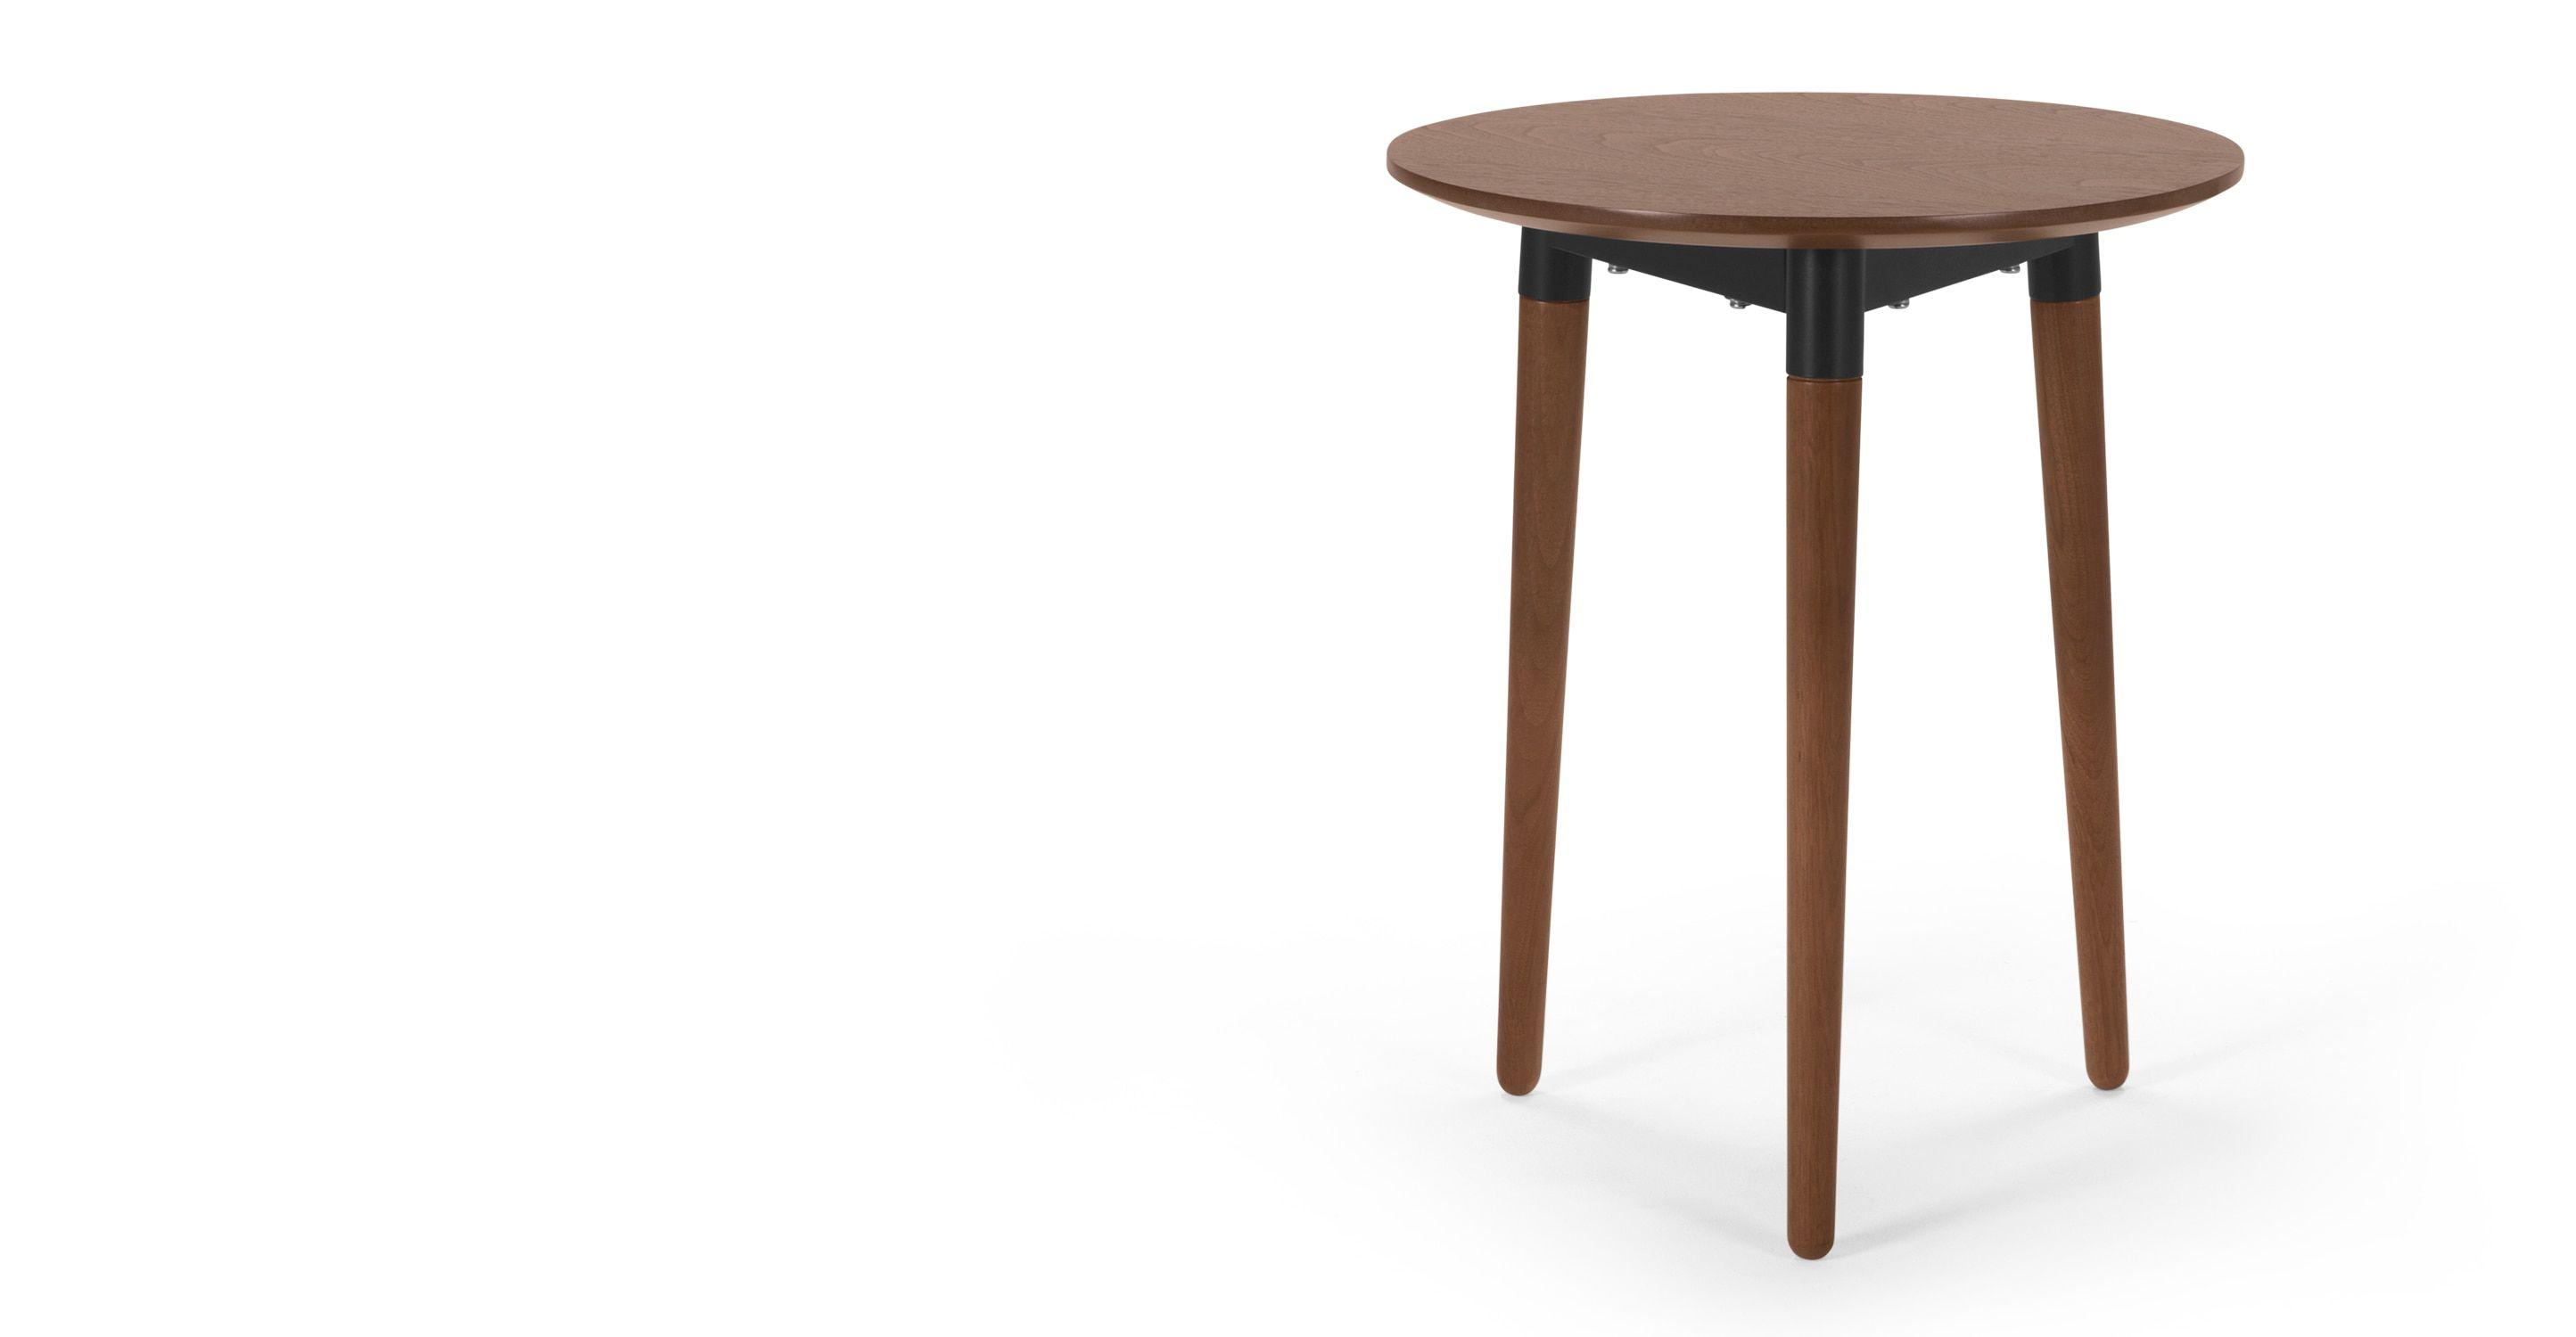 Edelweiss Beistelltisch Walnuss Und Schwarz Made Com Jetzt Bestellen Unter Https Moebel Ladendirekt De Wohnzimmer Tische Be Esstisch Dekor Tisch Esstisch